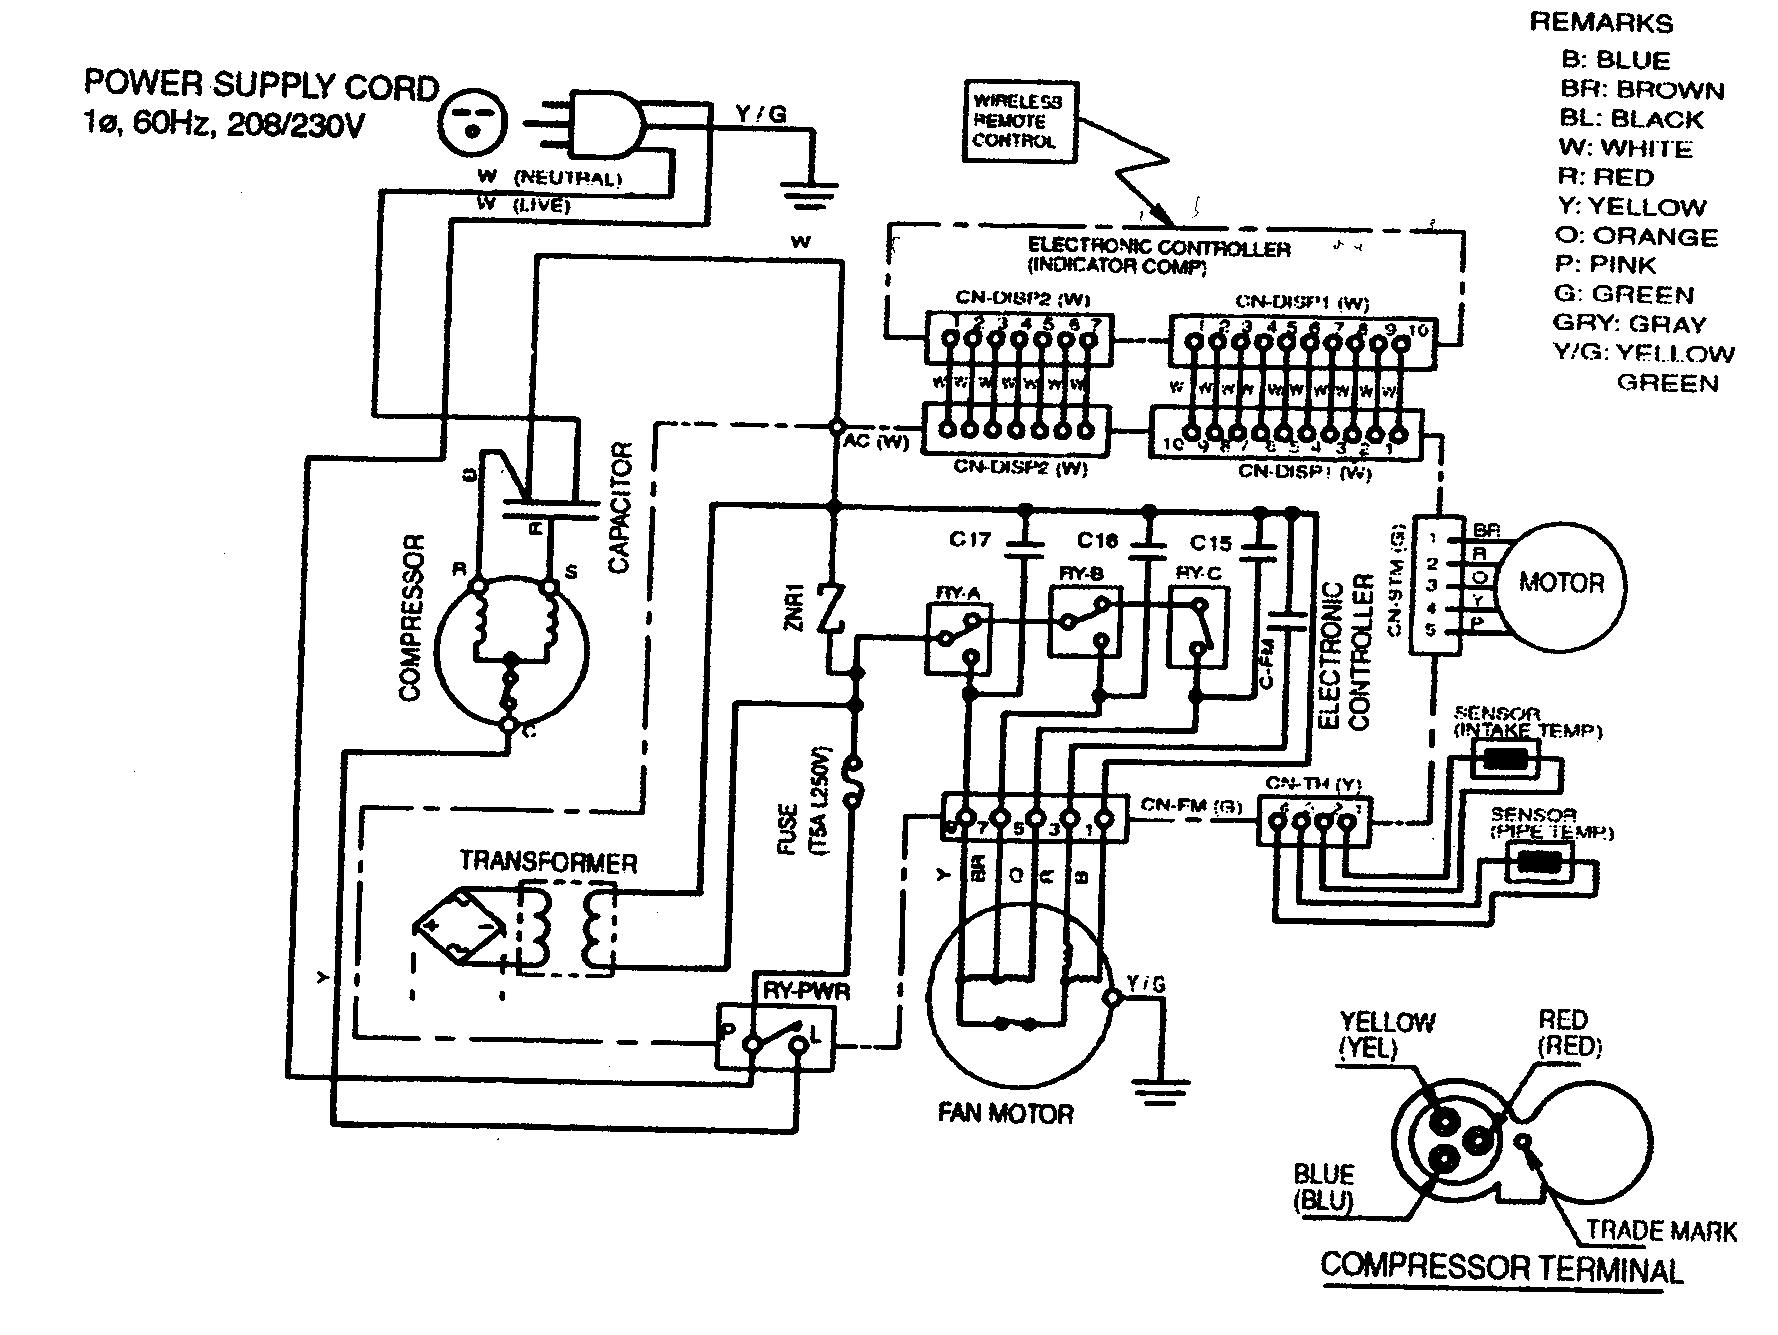 Bf 9051 Wiring Diagram Ac Panasonic Download Diagram